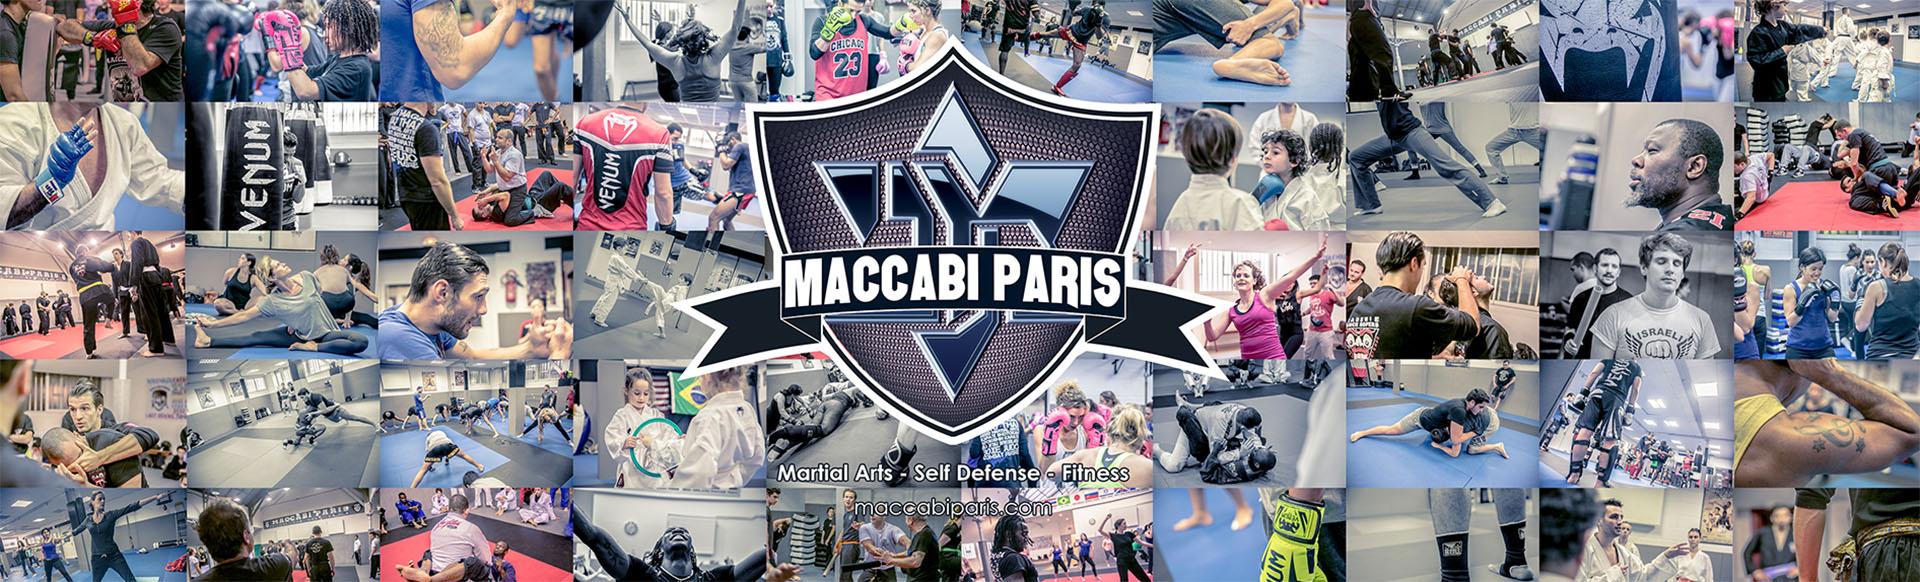 Maccabi Paris 10